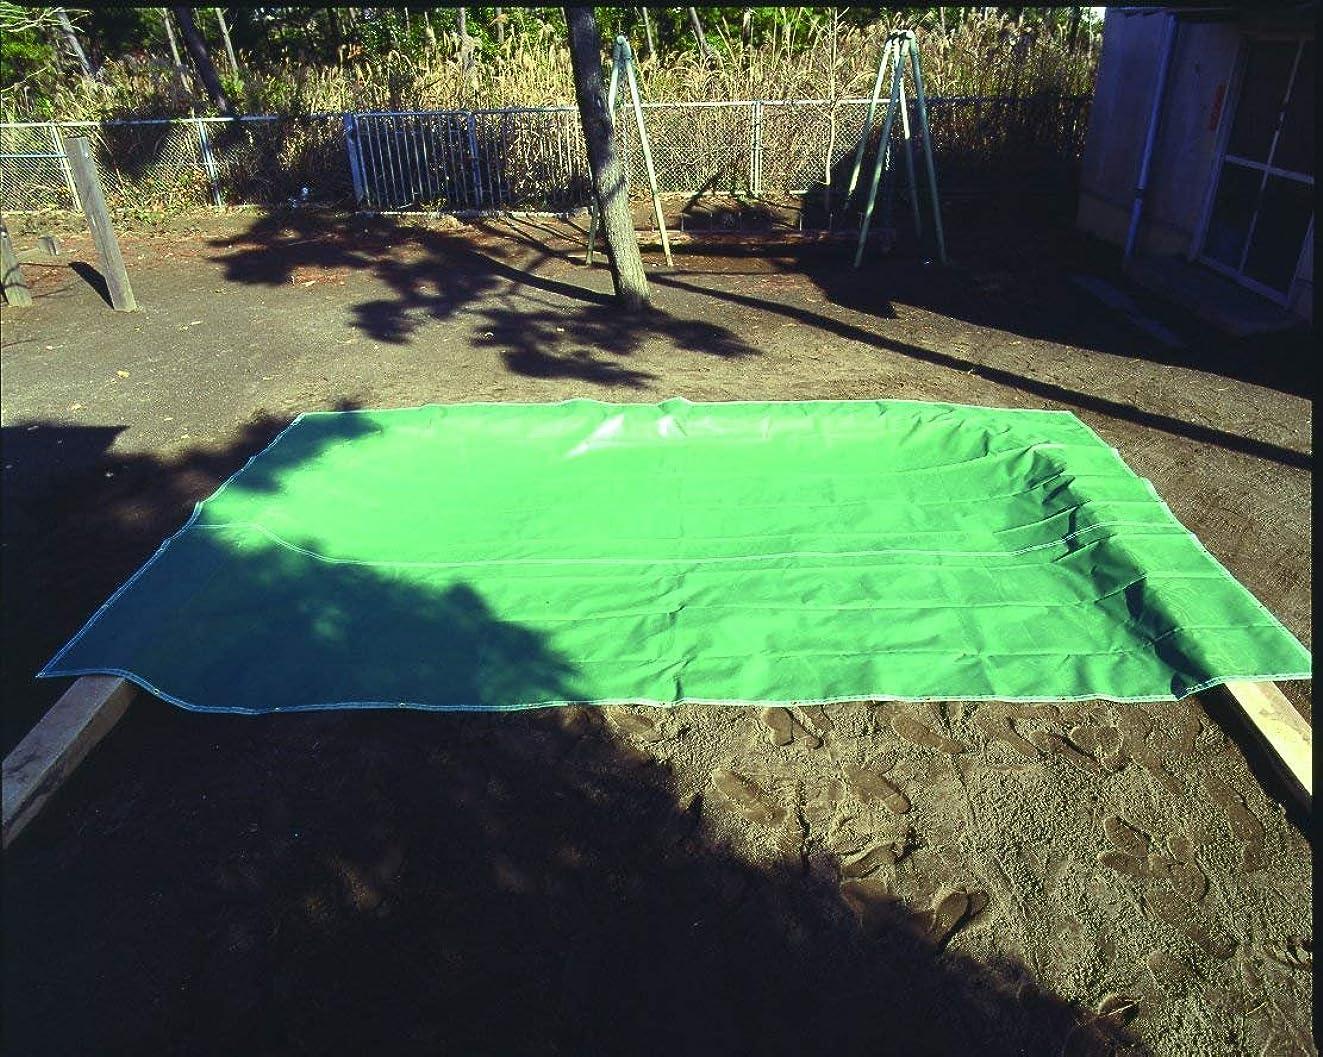 大事にするタワーもの砂場メッシュシート スタンダード 3.3m×2.8m 日本製 砂場動物侵入防止ネット *特注サイズも承ります